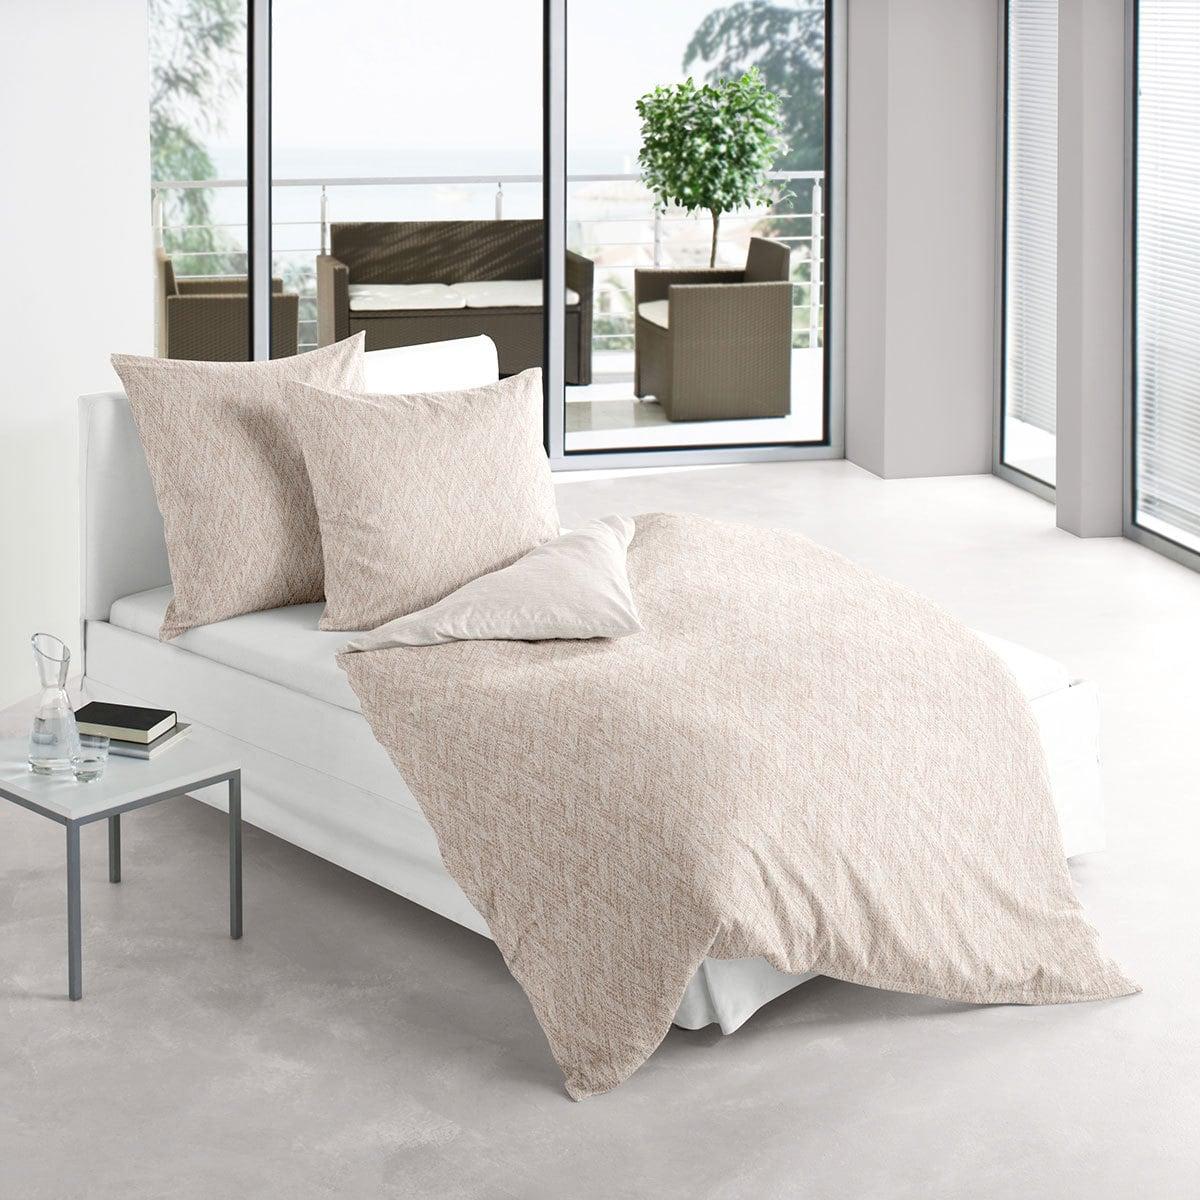 irisette biber wendebettw sche davos 8637 80 g nstig. Black Bedroom Furniture Sets. Home Design Ideas